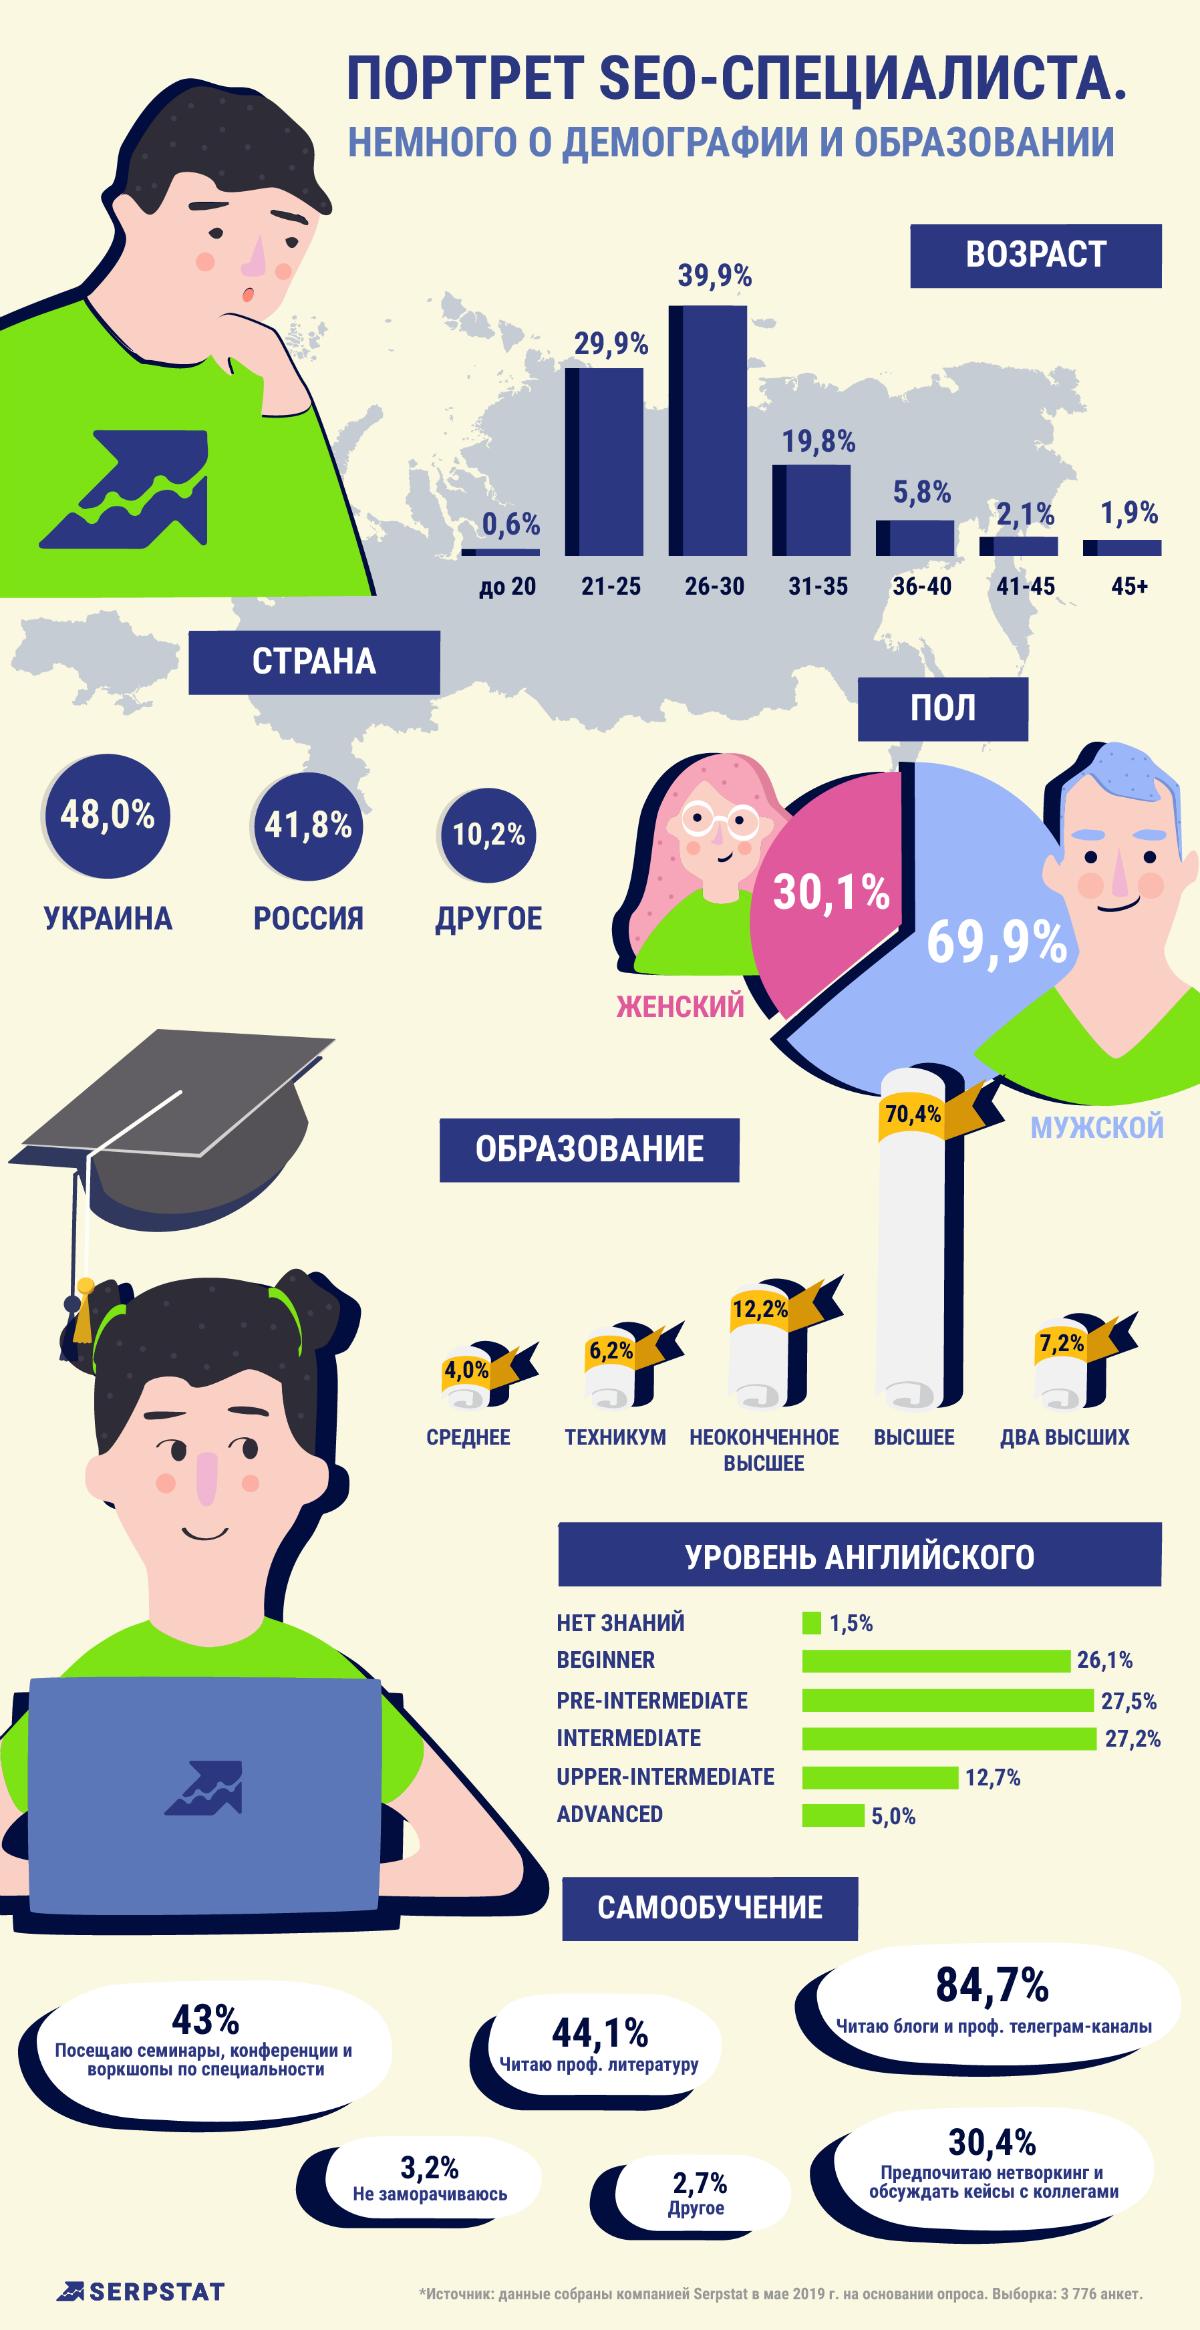 Демография и образование специалистов